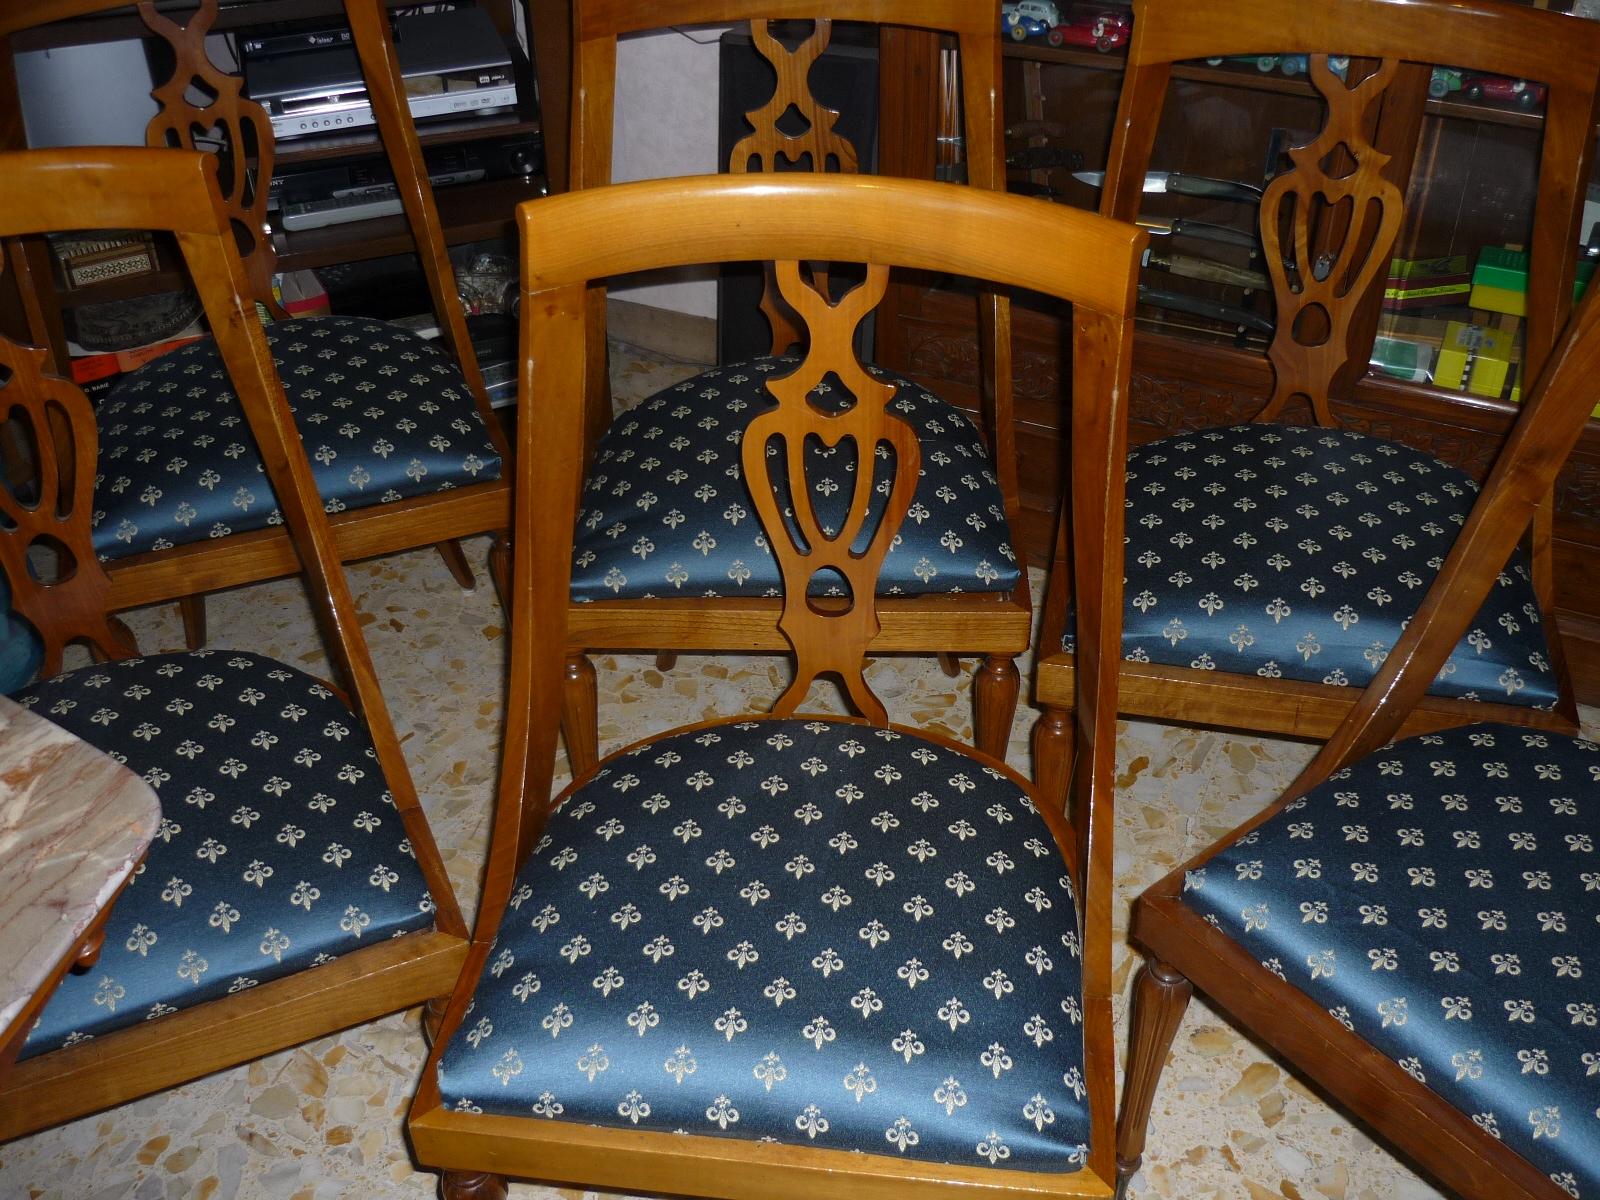 Mani stregate restauro sedie camera da pranzo for Camera da pranzo